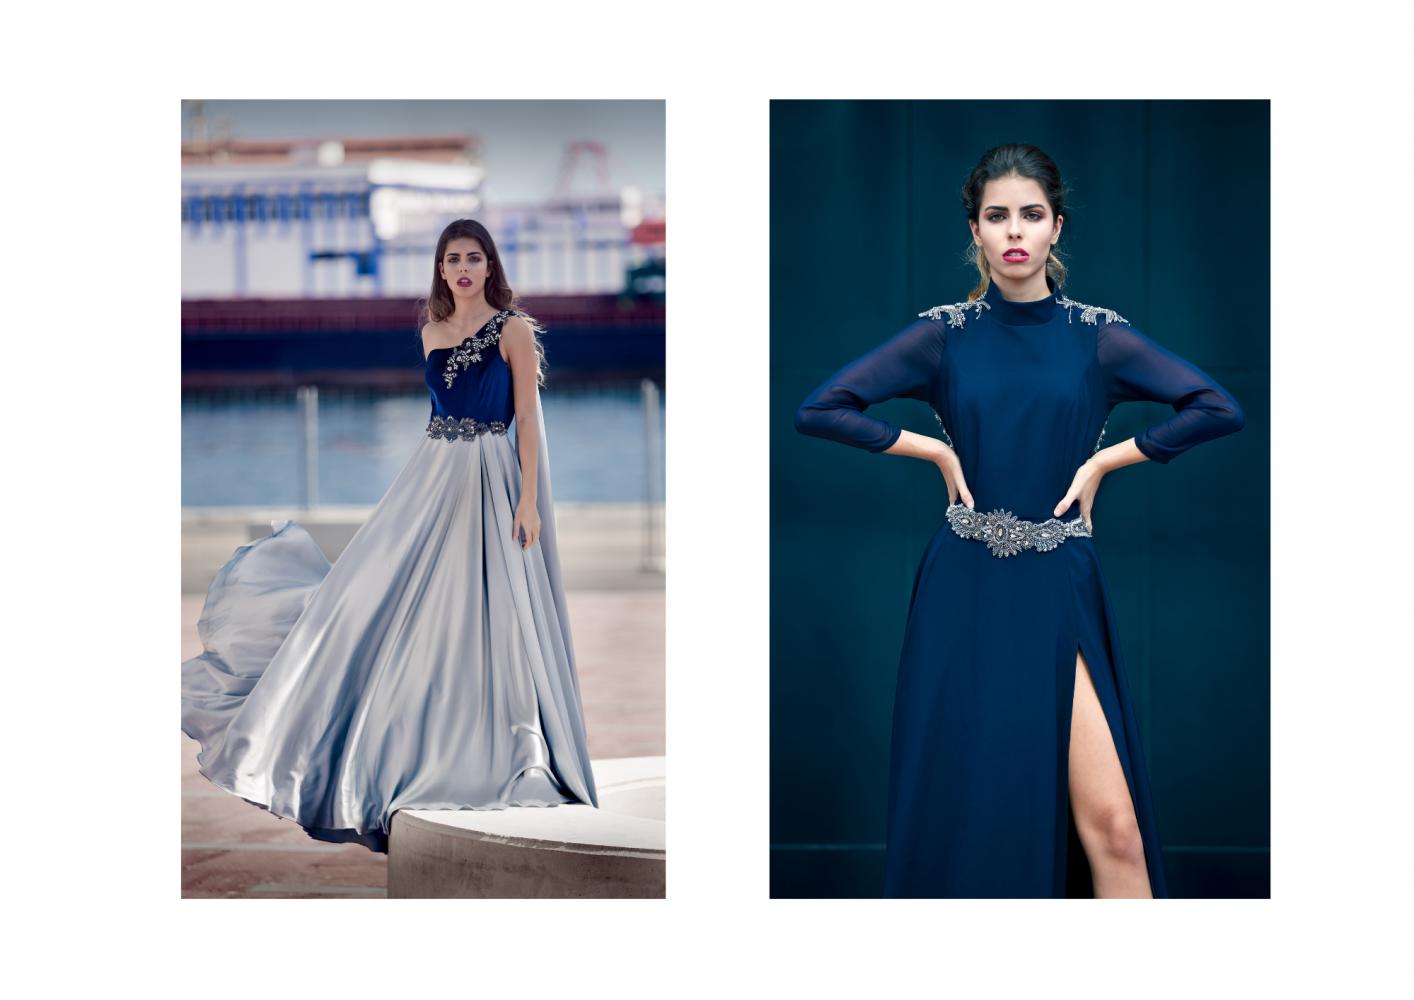 5_de_7_Sara_-_Metropolitan_Models